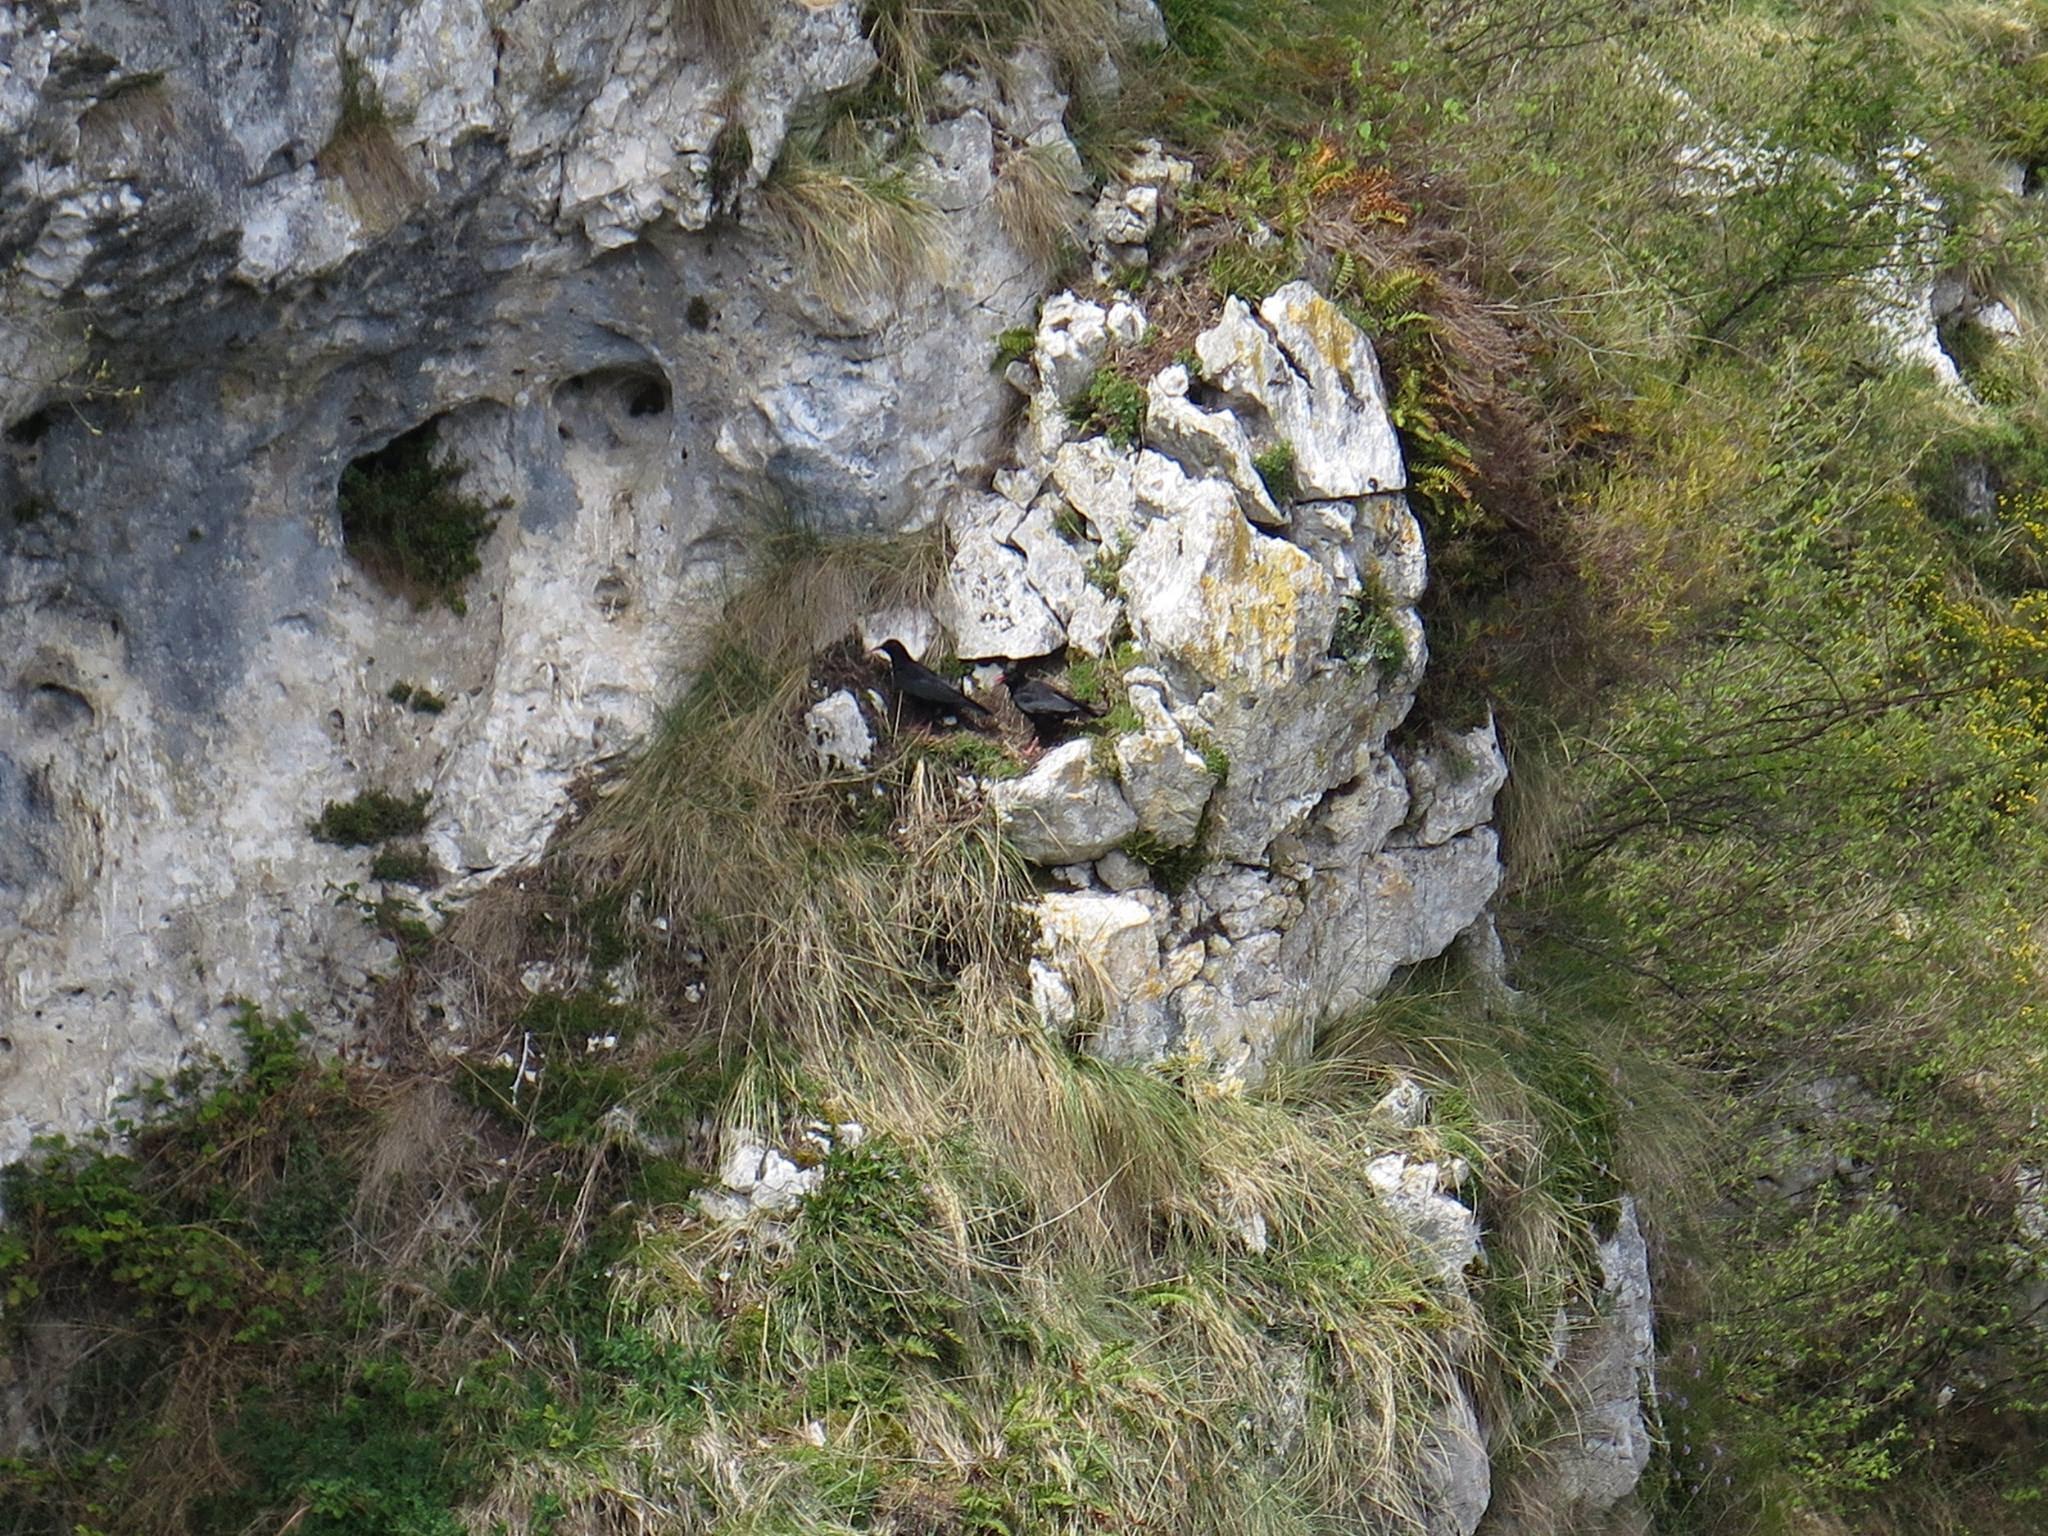 2017.05.2 y3 - Viaje Covadonga Sector Hnos. Mayores (27)